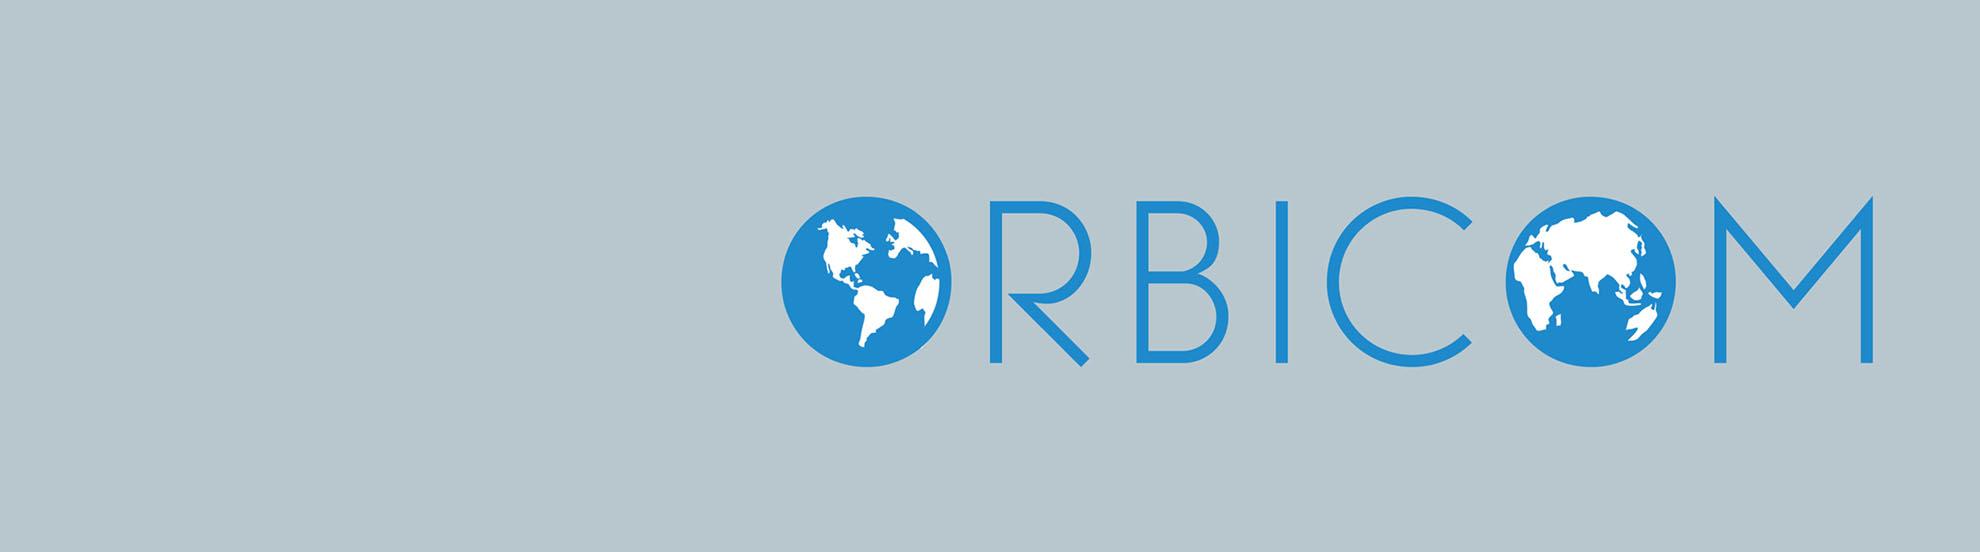 Photo manquante remplacé par le logo d'orbicom